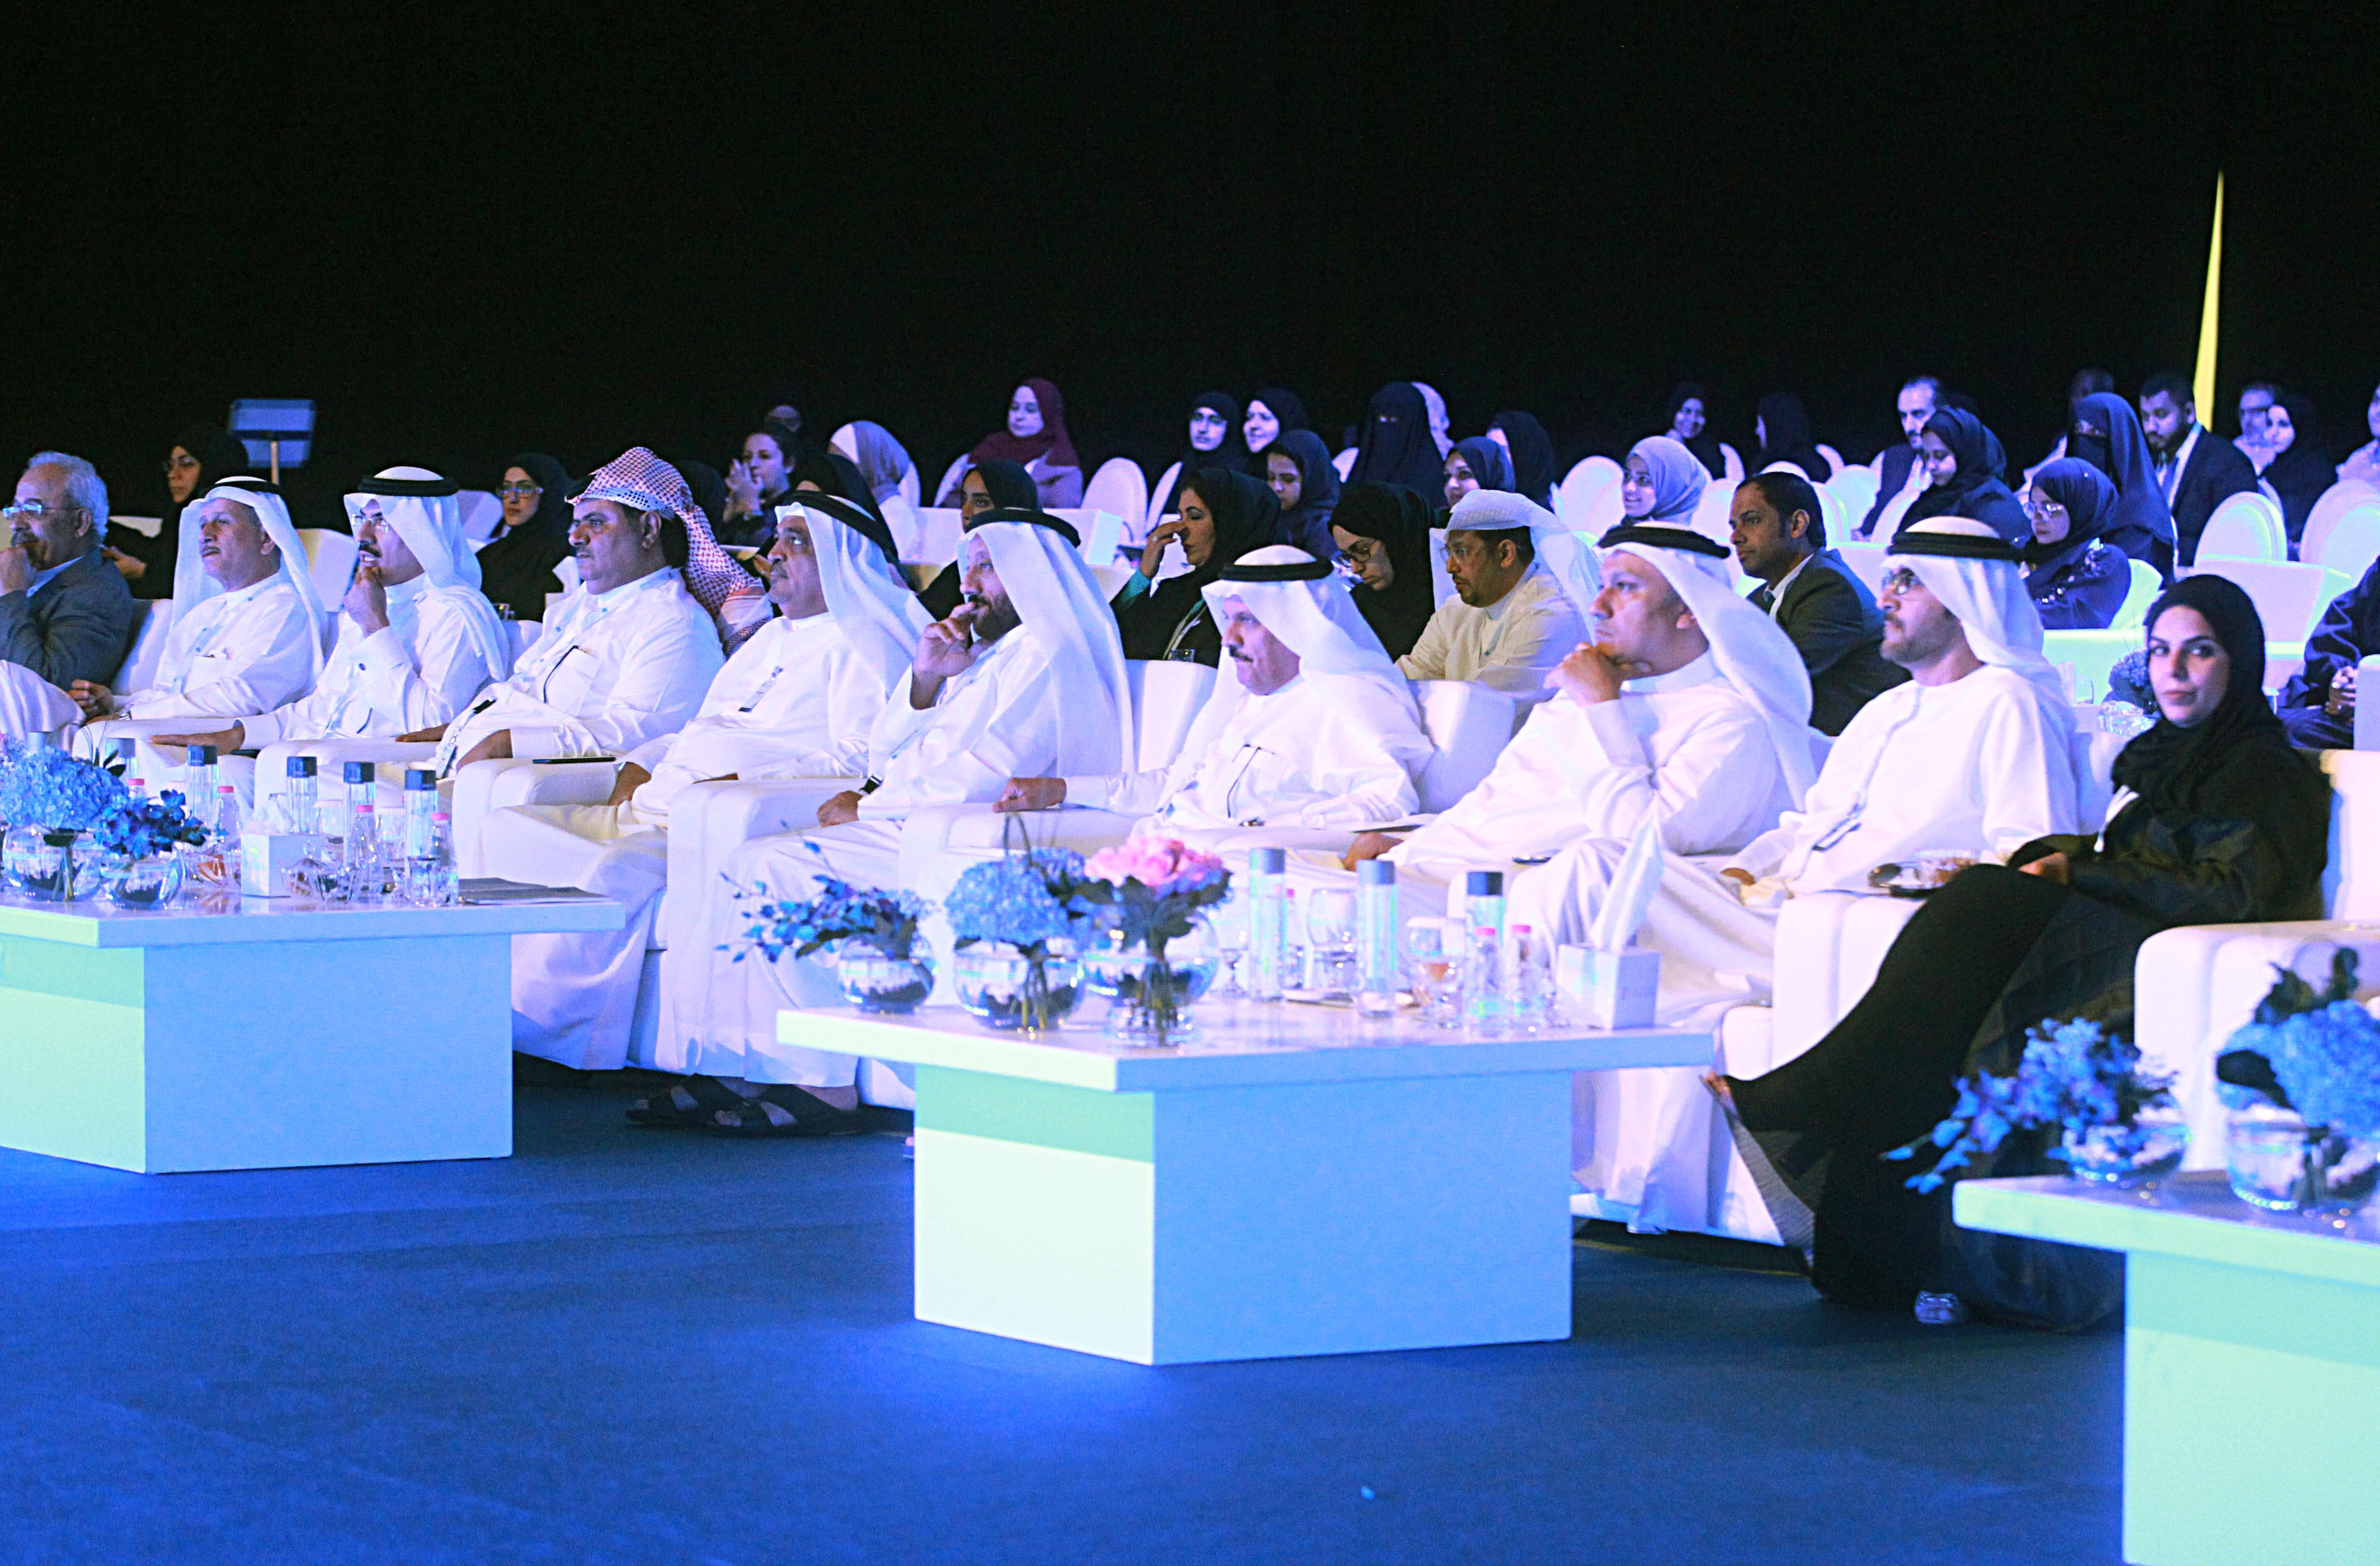 مؤتمر الموارد البشرية بدول الخليج يوصي بإعلاء قيمة رأس المال البشري